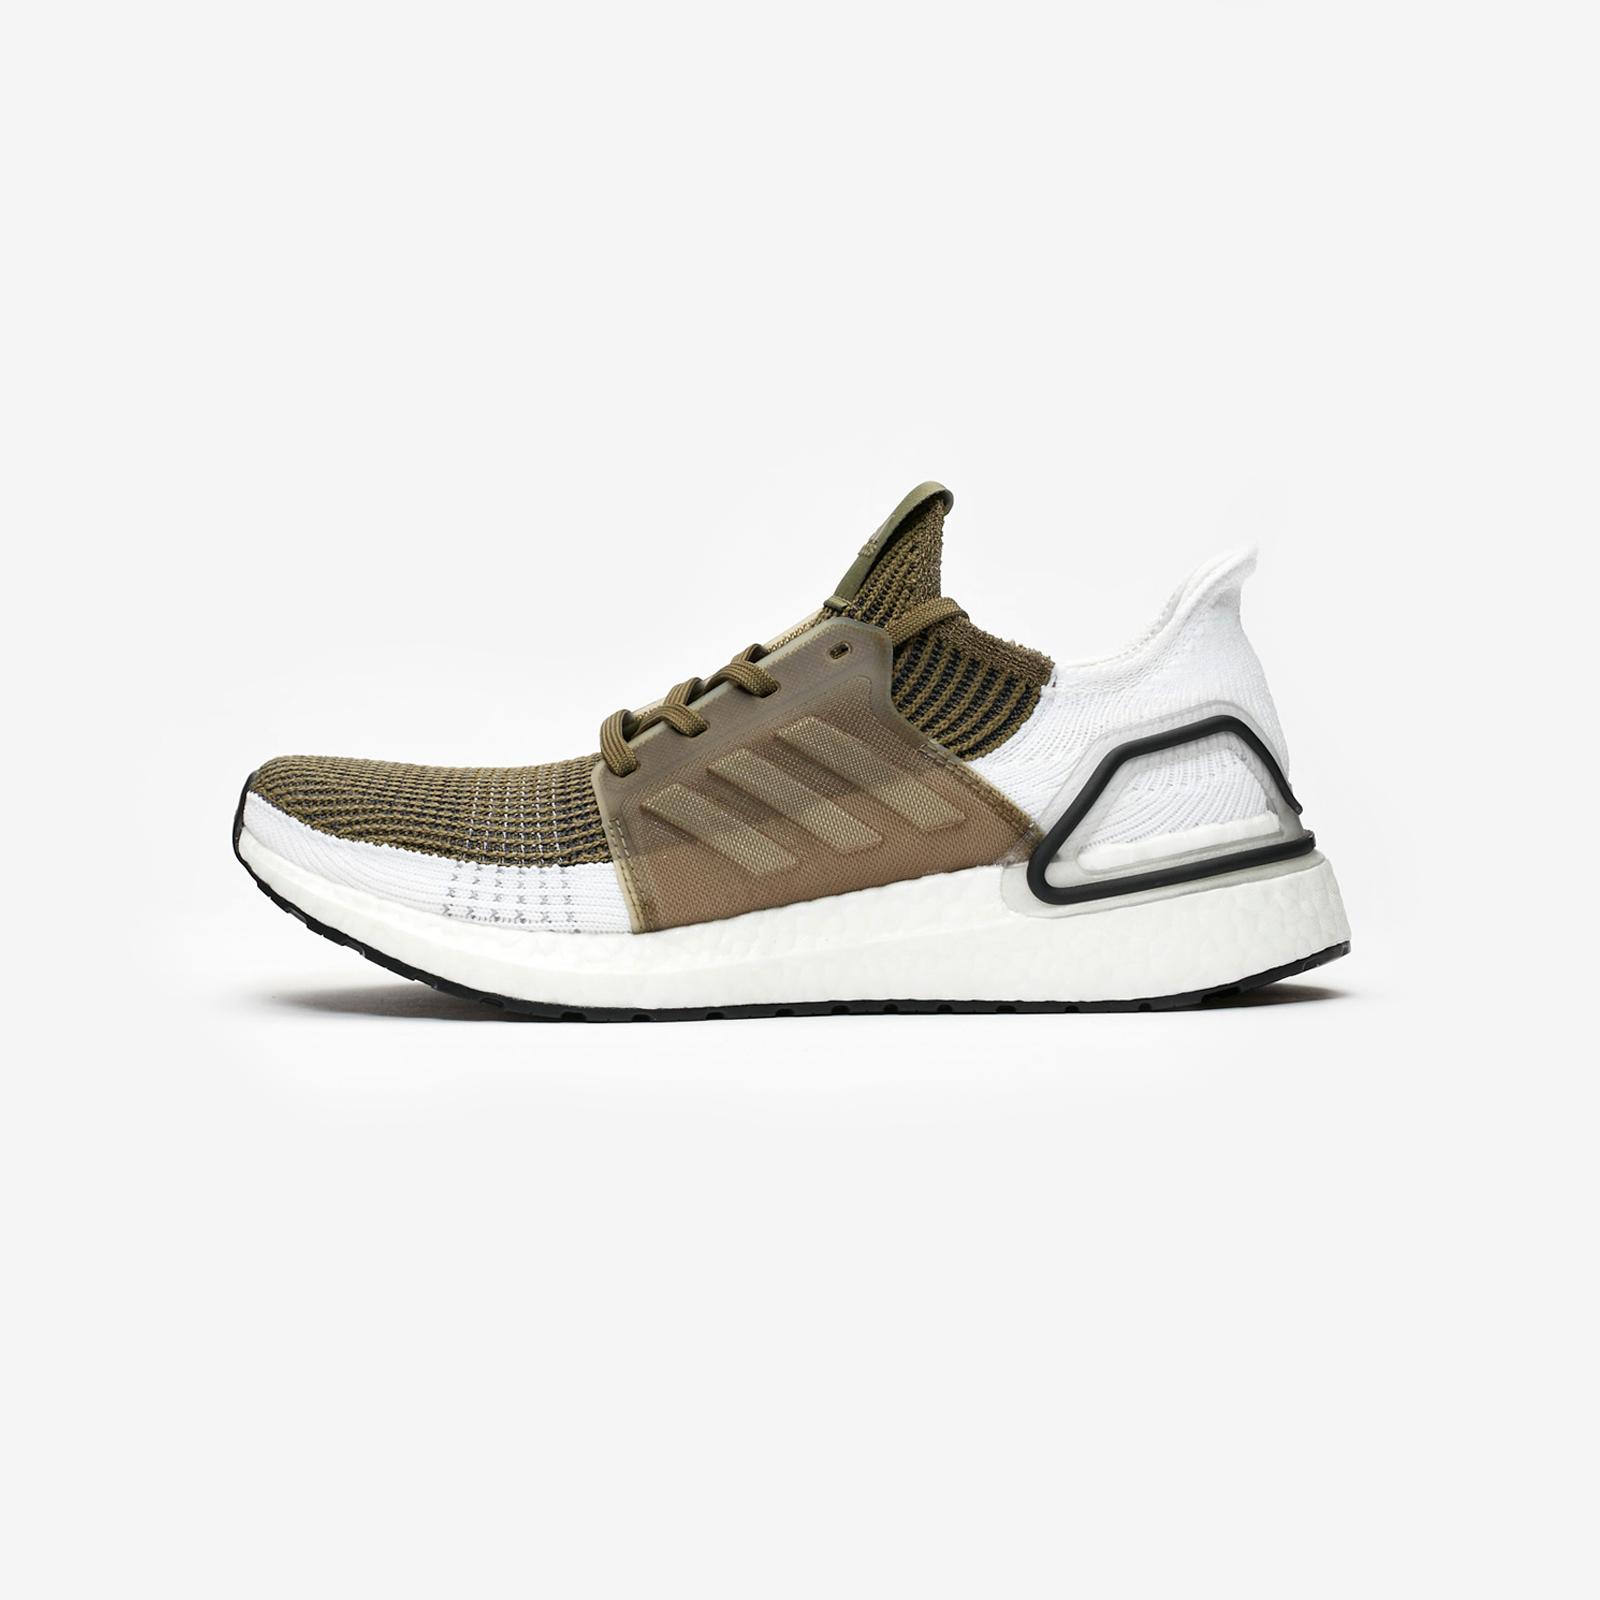 fe64de490401b adidas Ultraboost 19 - F35243 - Sneakersnstuff